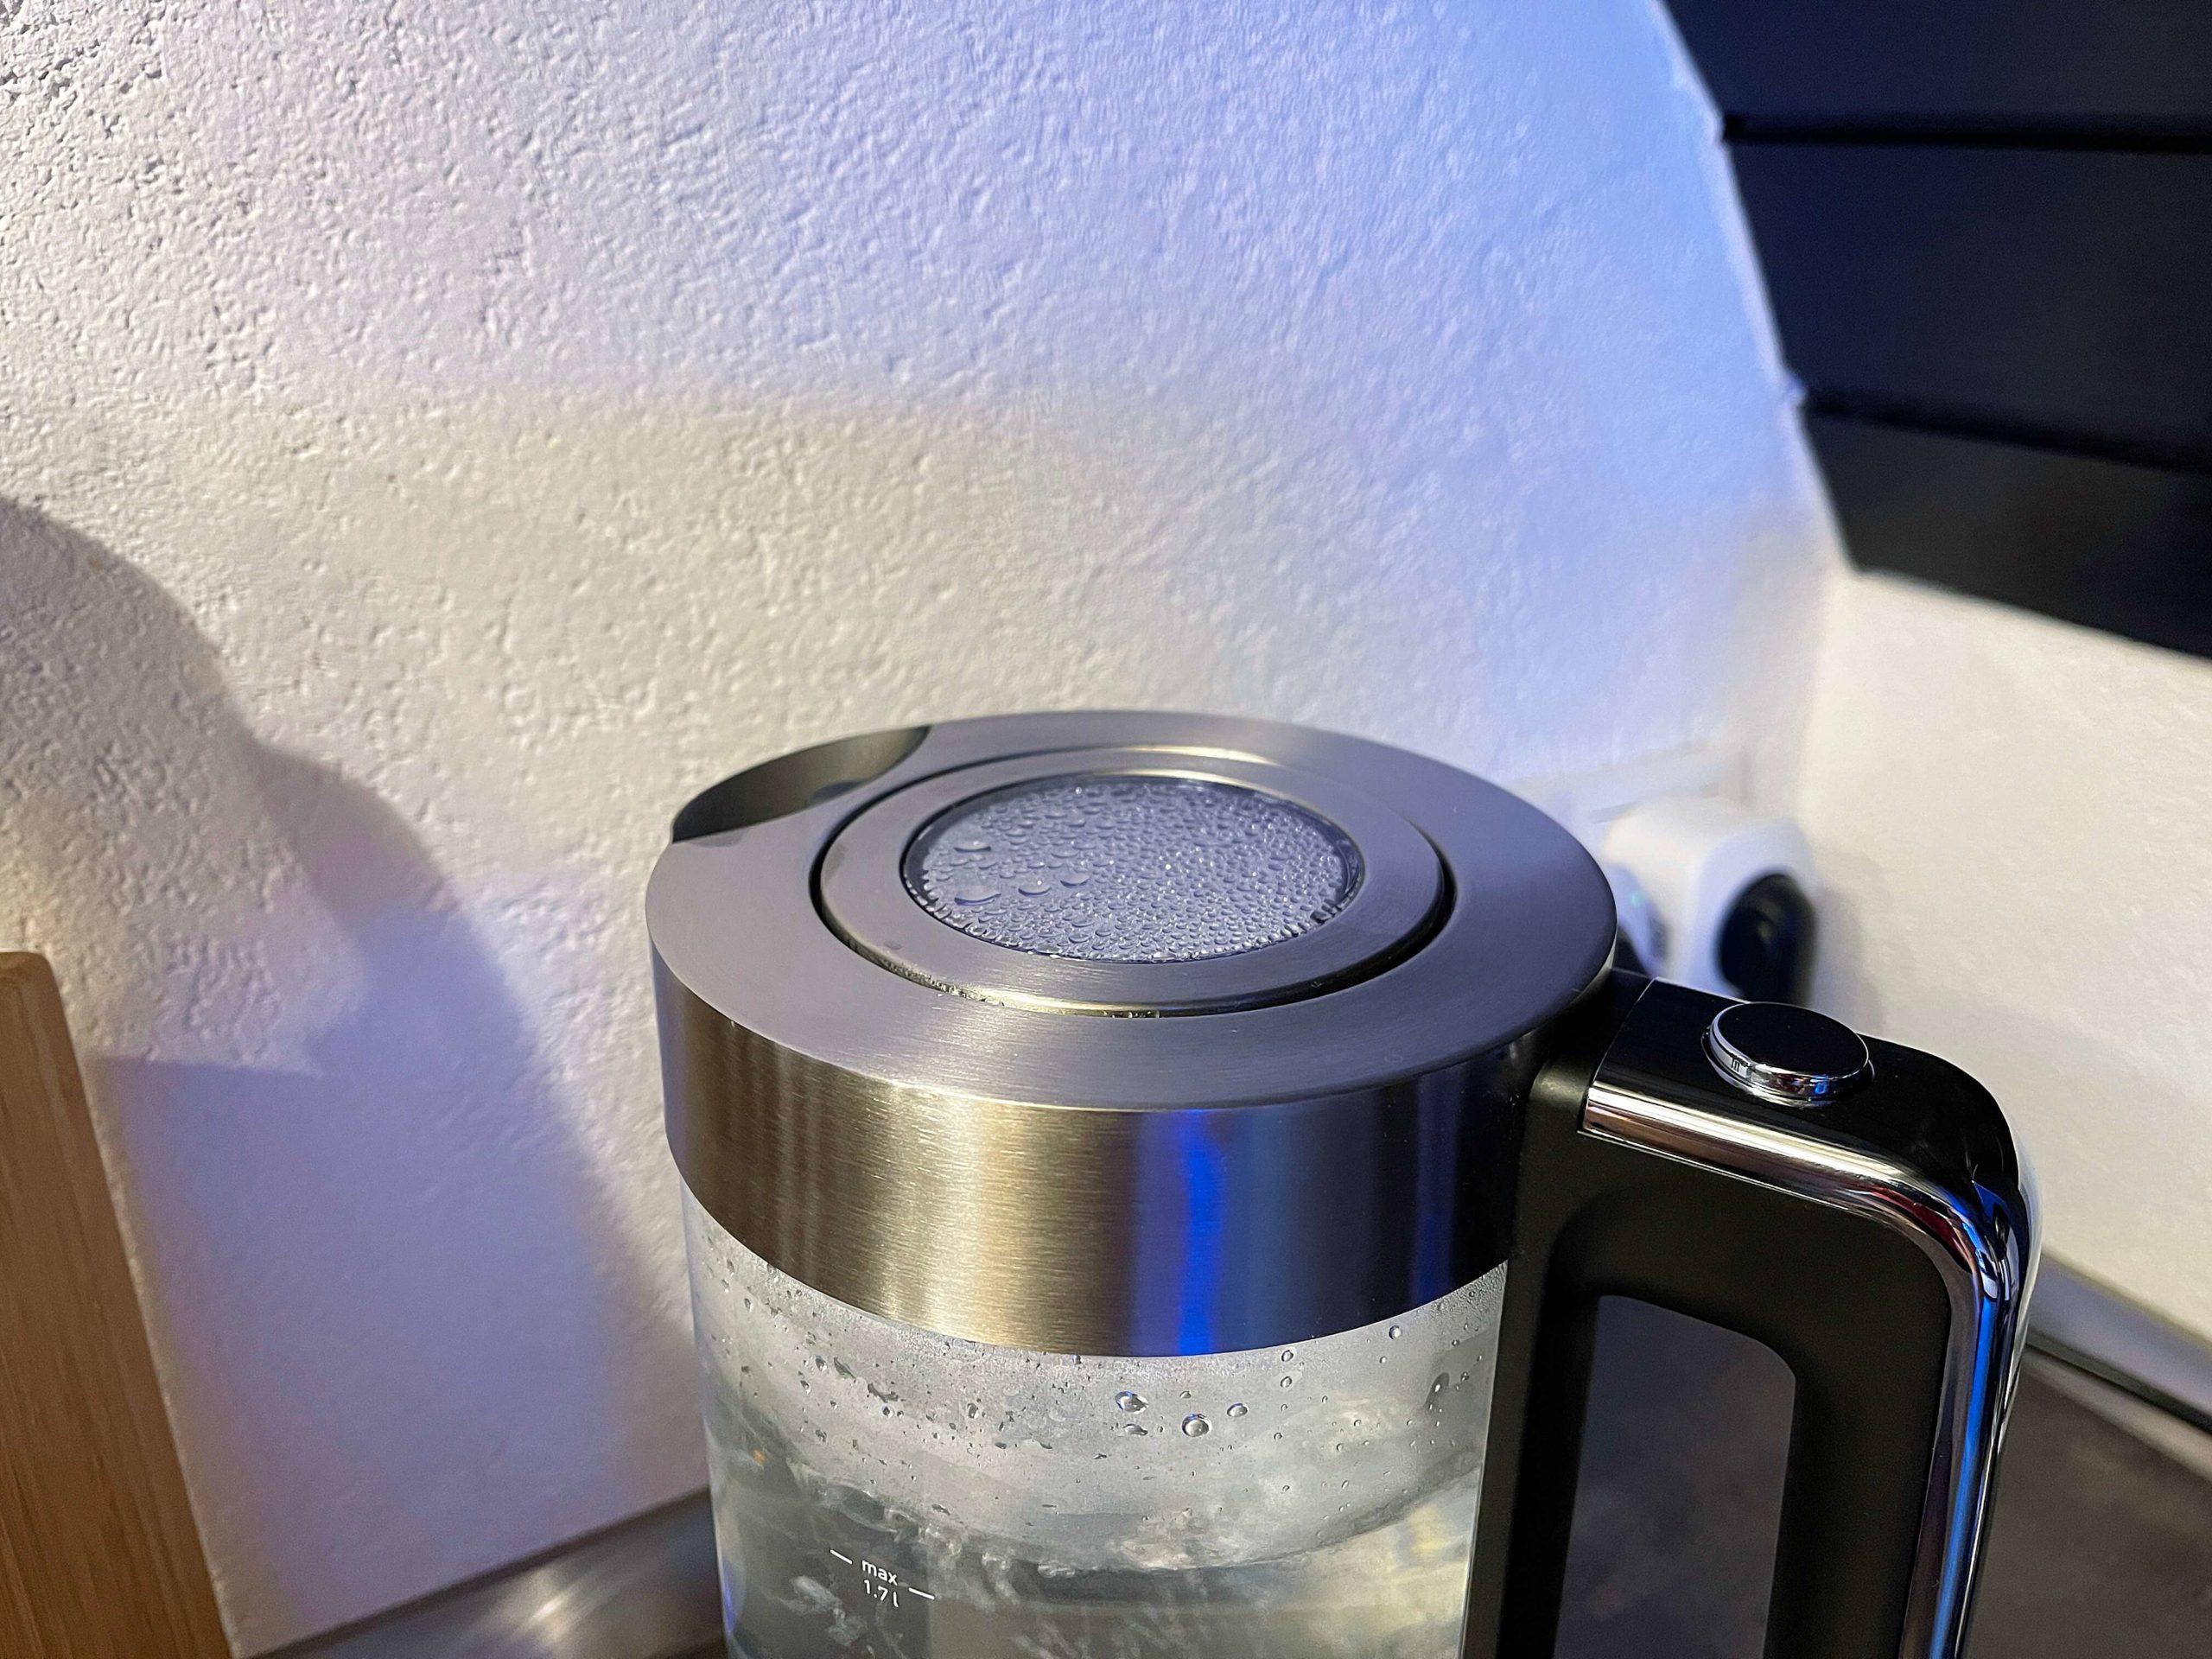 Lono-Glaswasserkocher-von-WMF-ideal-fuer-das-Apple-HomeKit-Zuhause7-scaled Lono Glaswasserkocher von WMF - ideal für das Apple HomeKit-Zuhause